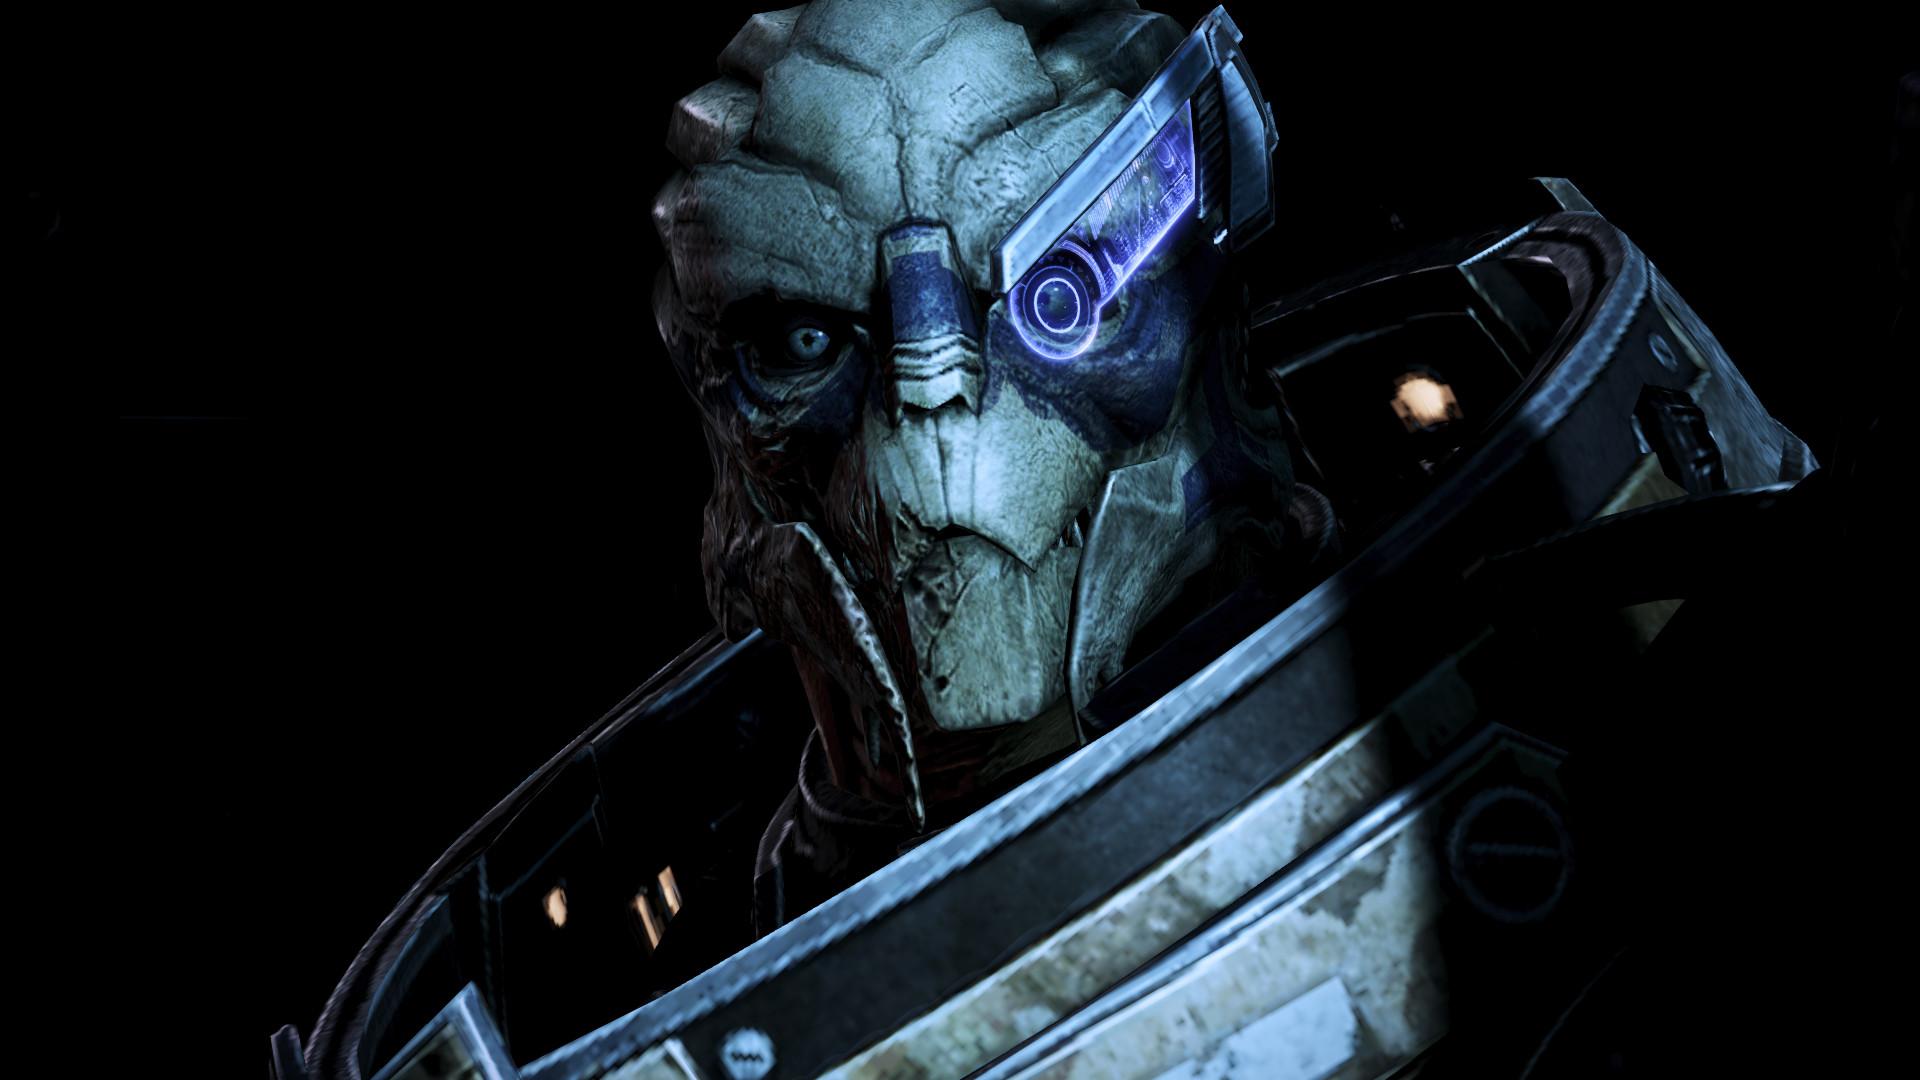 Mass Effect 3 Garrus Wallpaper Hd Garrus vakarian 09 by johntesh 1920x1080